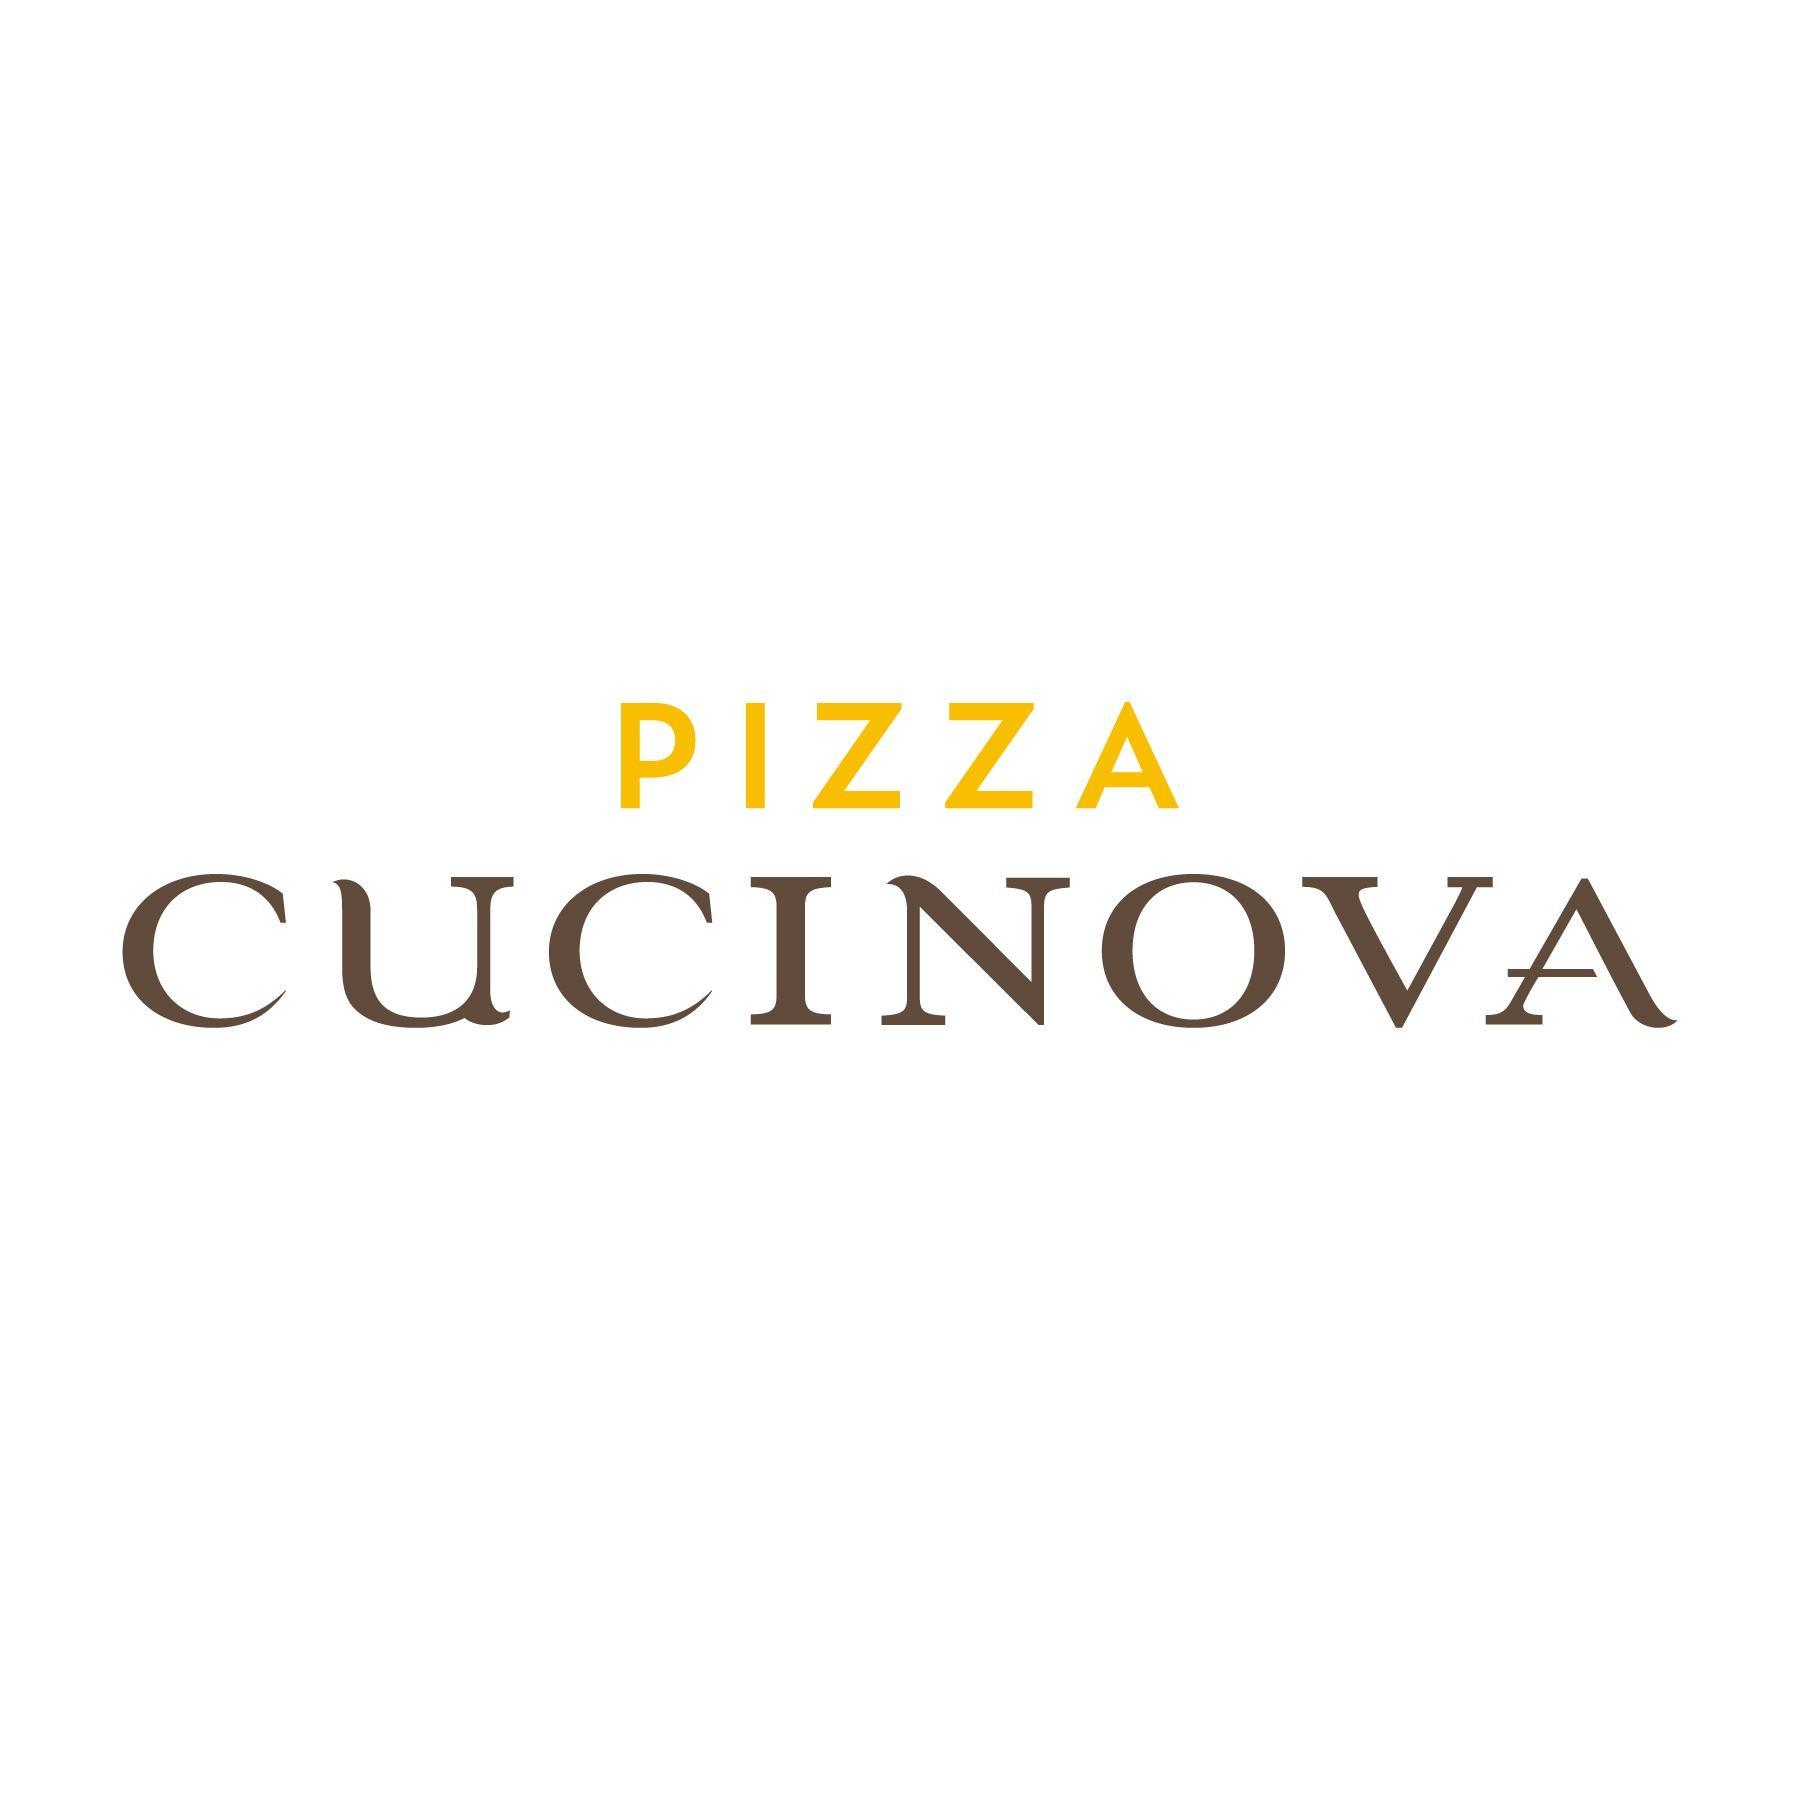 Pizza Cucinova - Closed